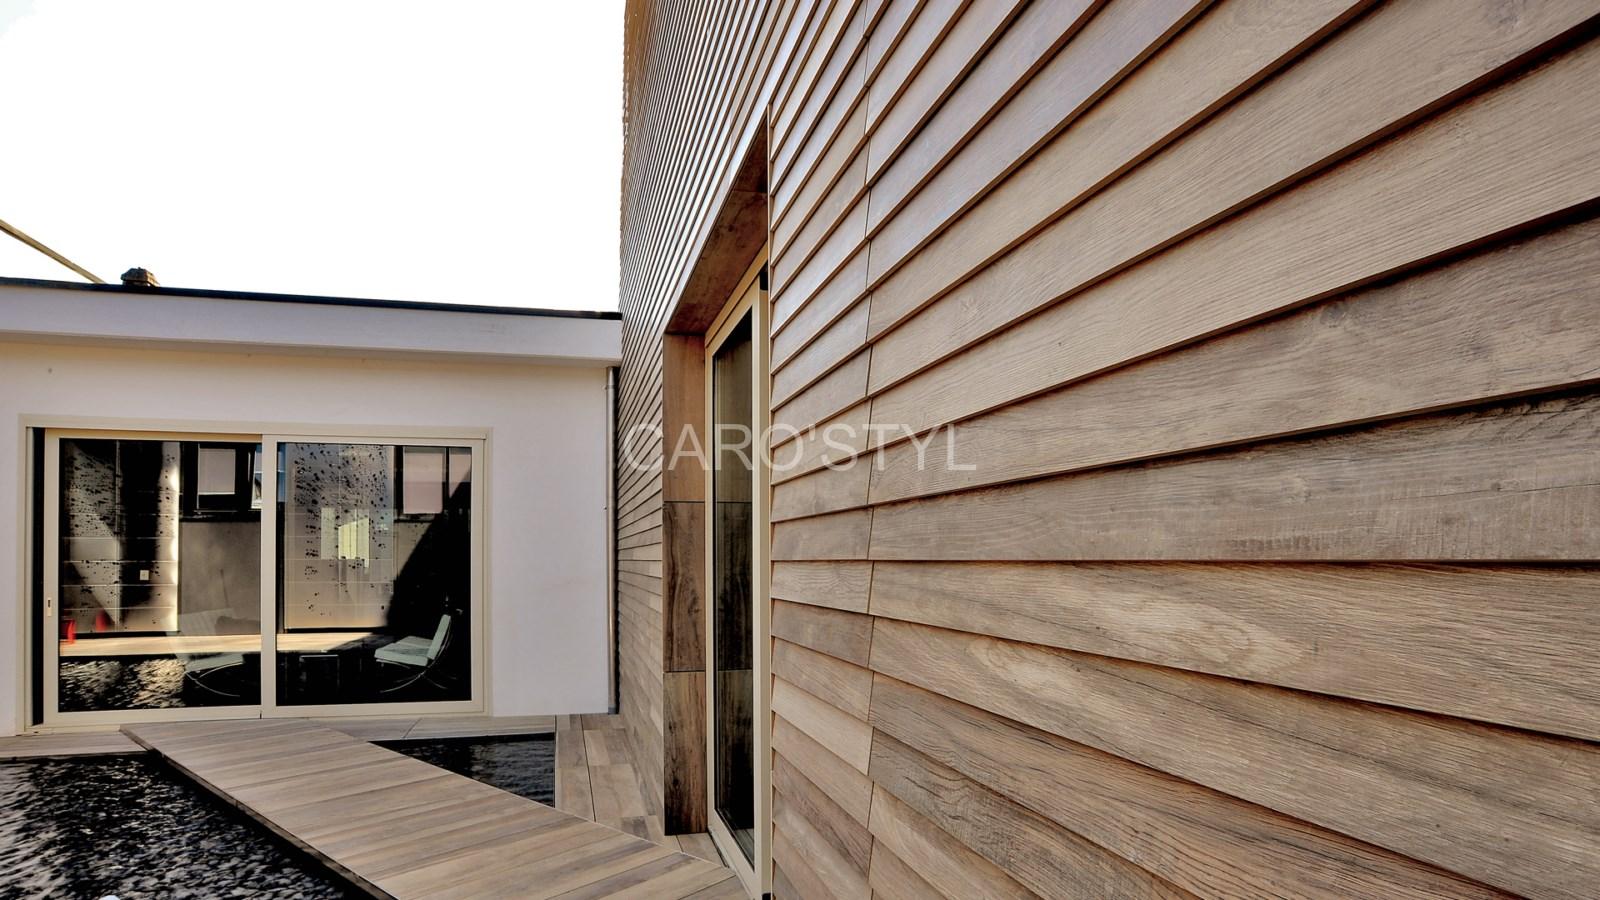 Carrelage exterieur facade - Atwebster.fr - Maison et mobilier